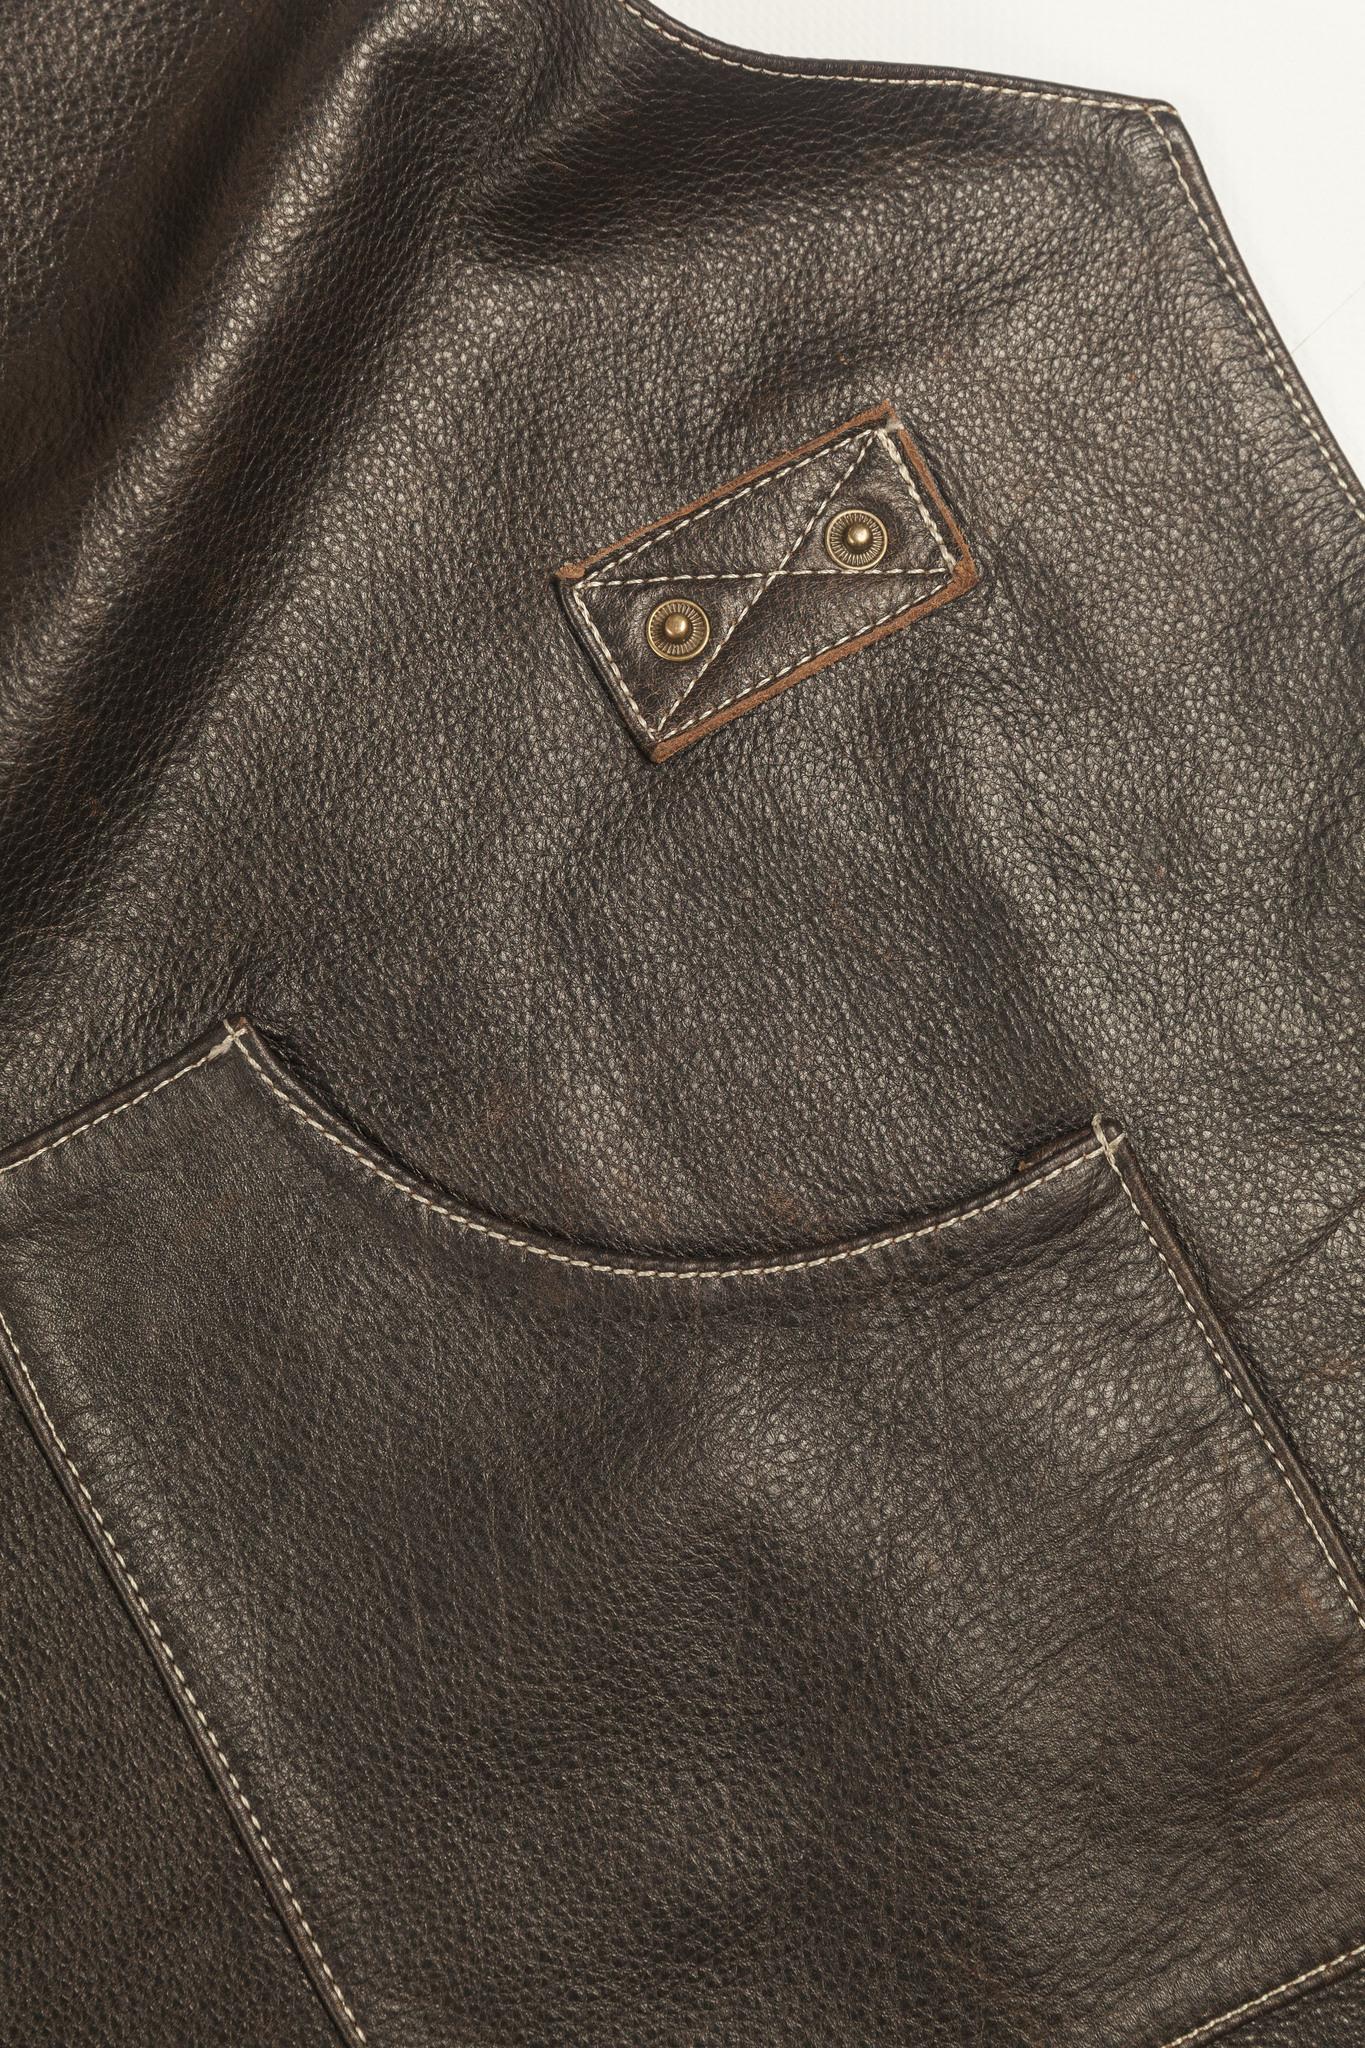 Мужской брутальный кожаный фартук